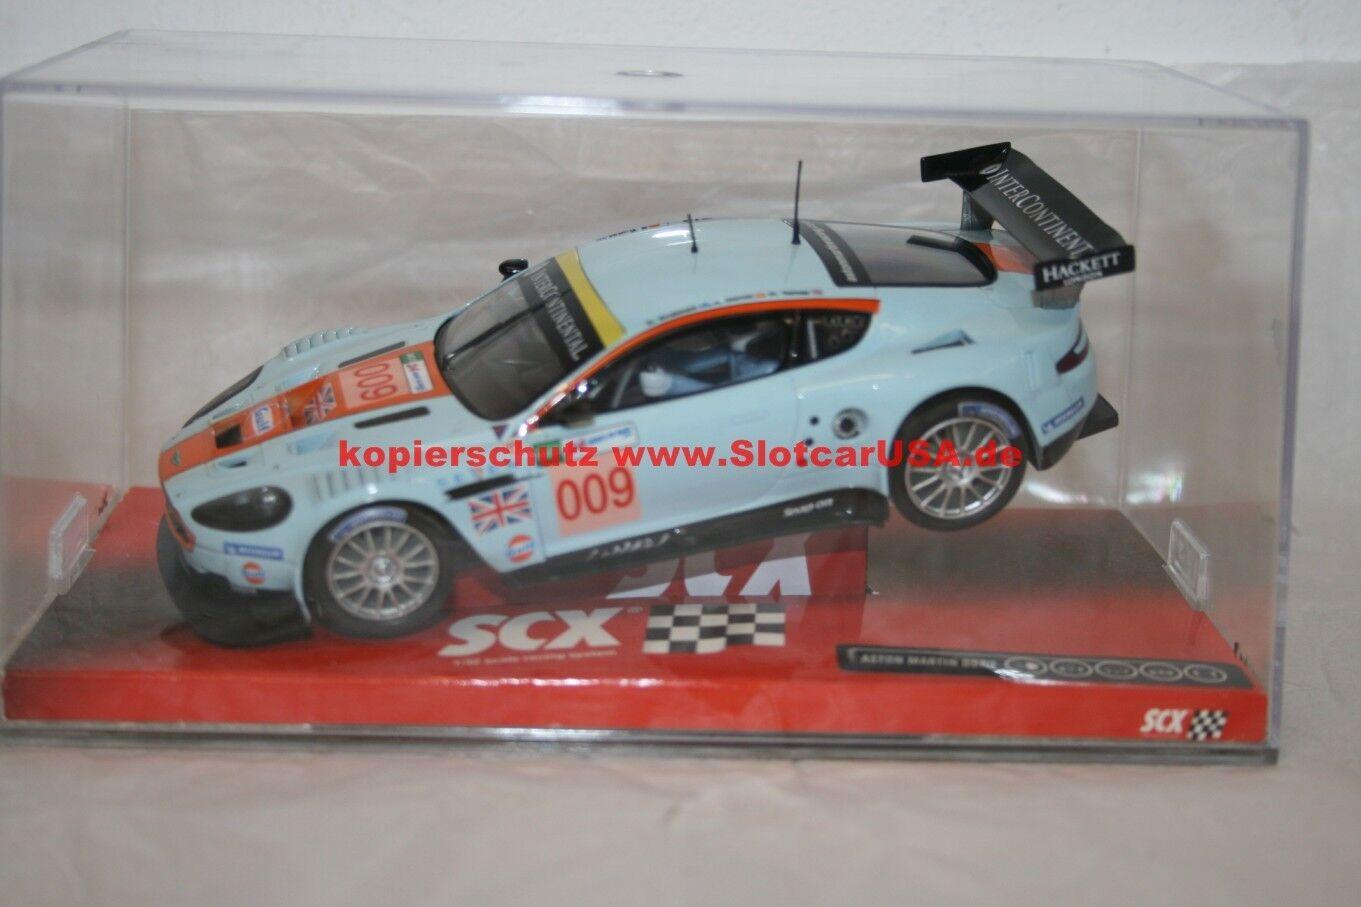 Scx 63870 Aston Martin Dbr 9 Toro Rosso No. 009 Gulf Nuovo